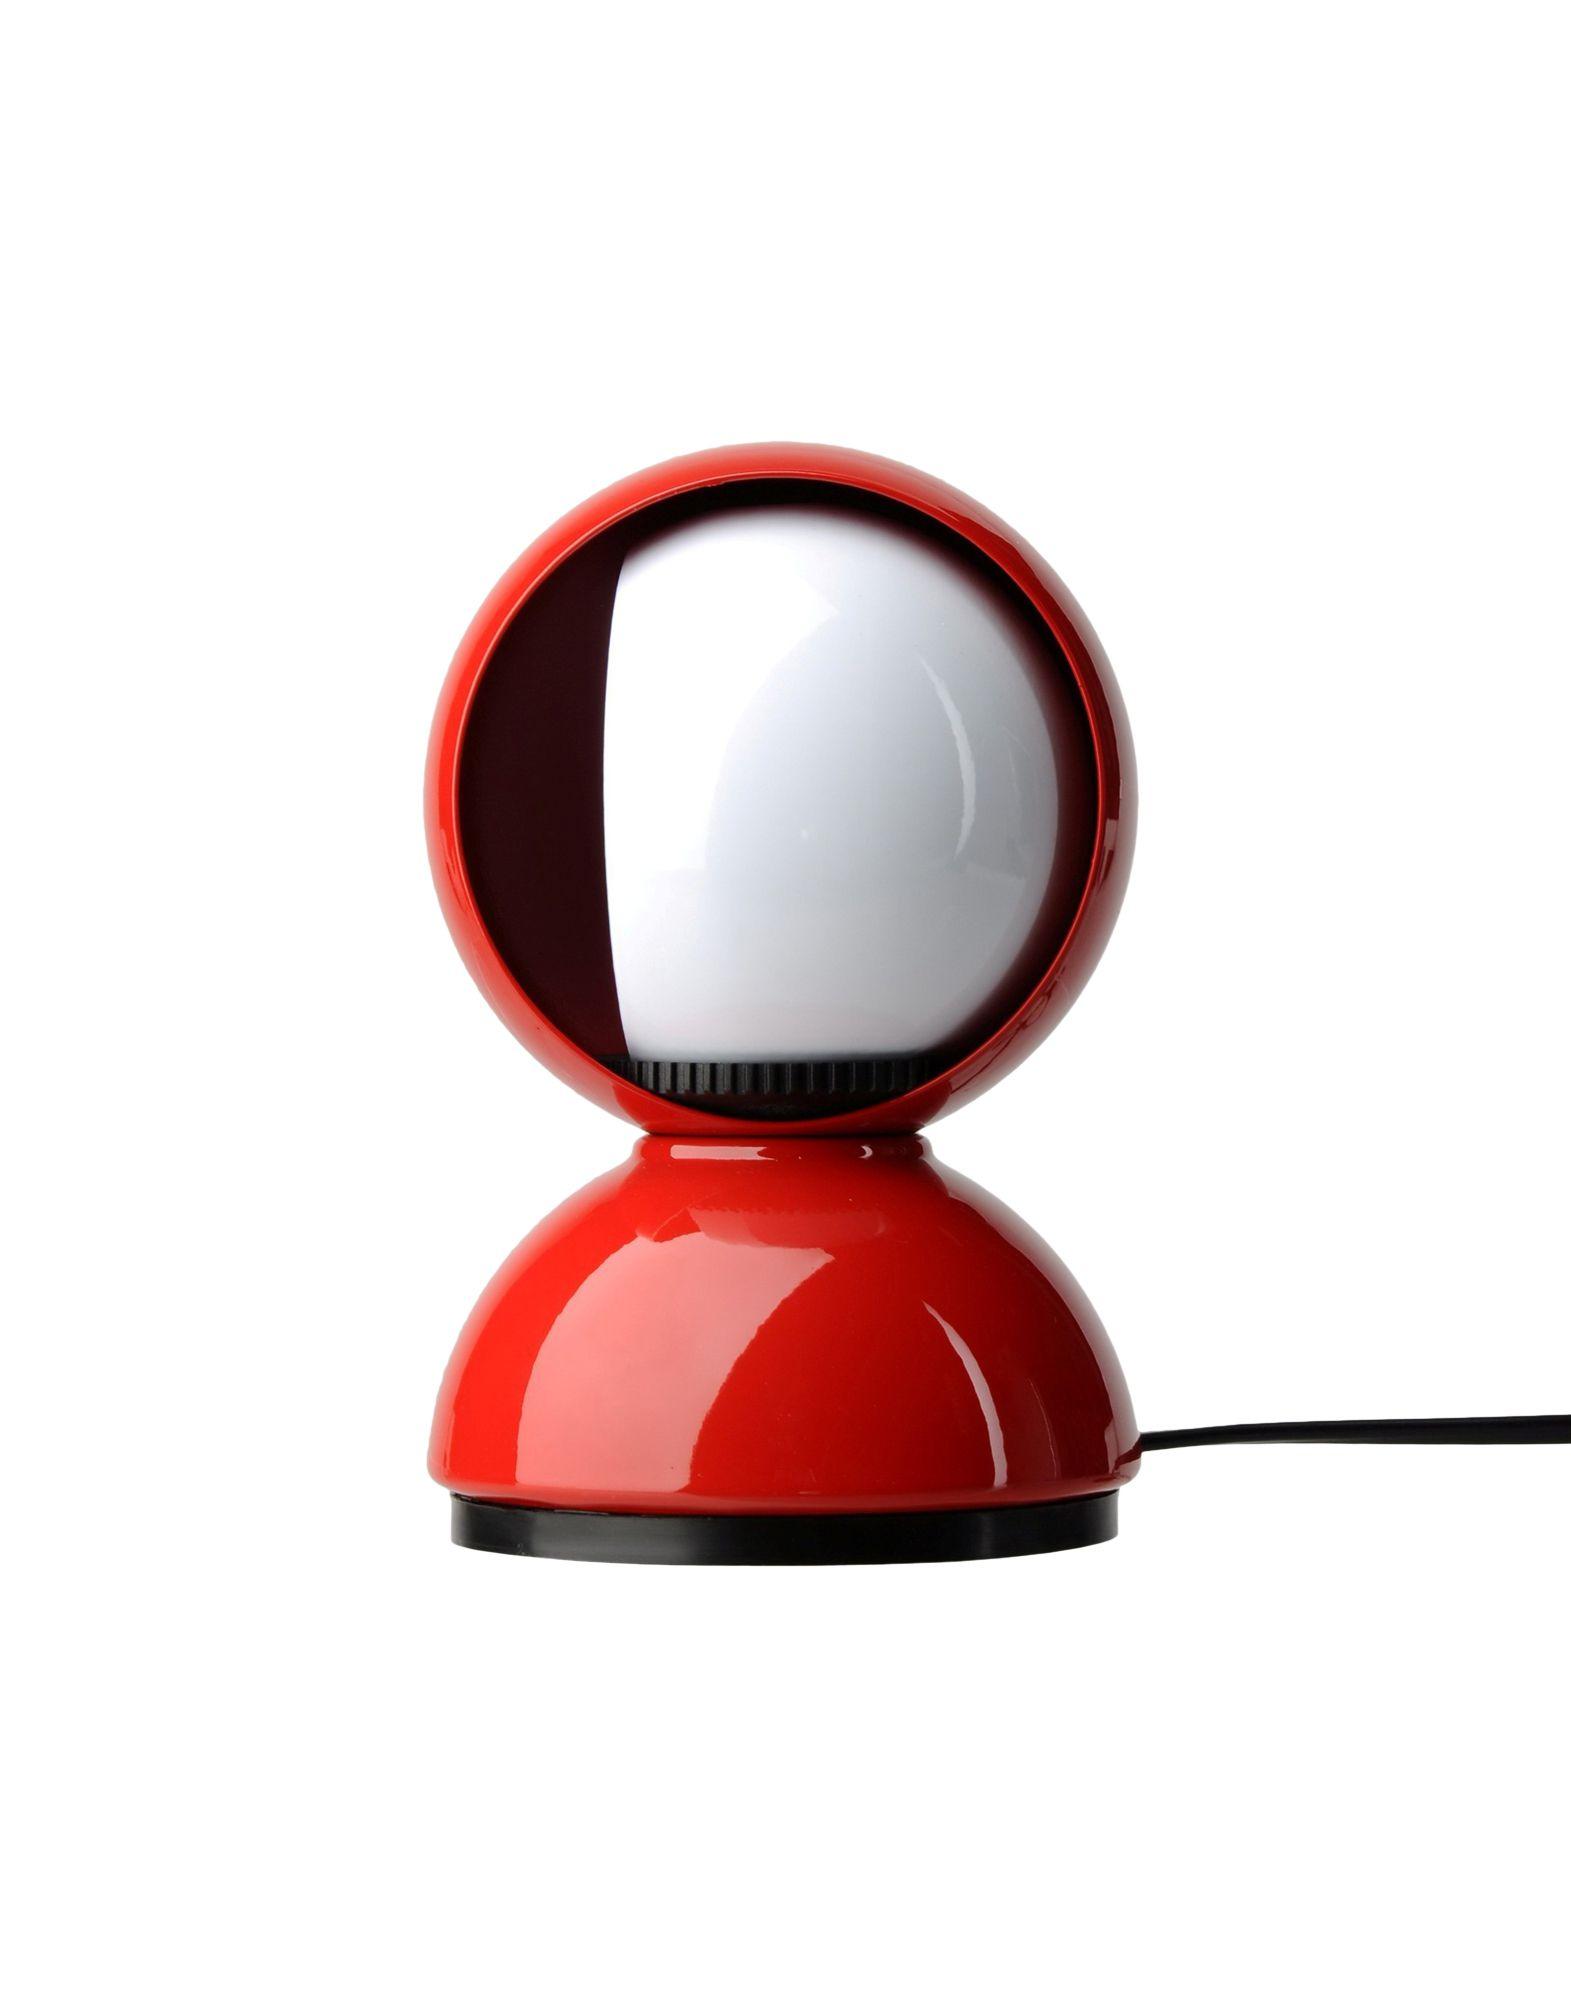 ARTEMIDE Unisex Tischleuchte Farbe Rot Größe 1